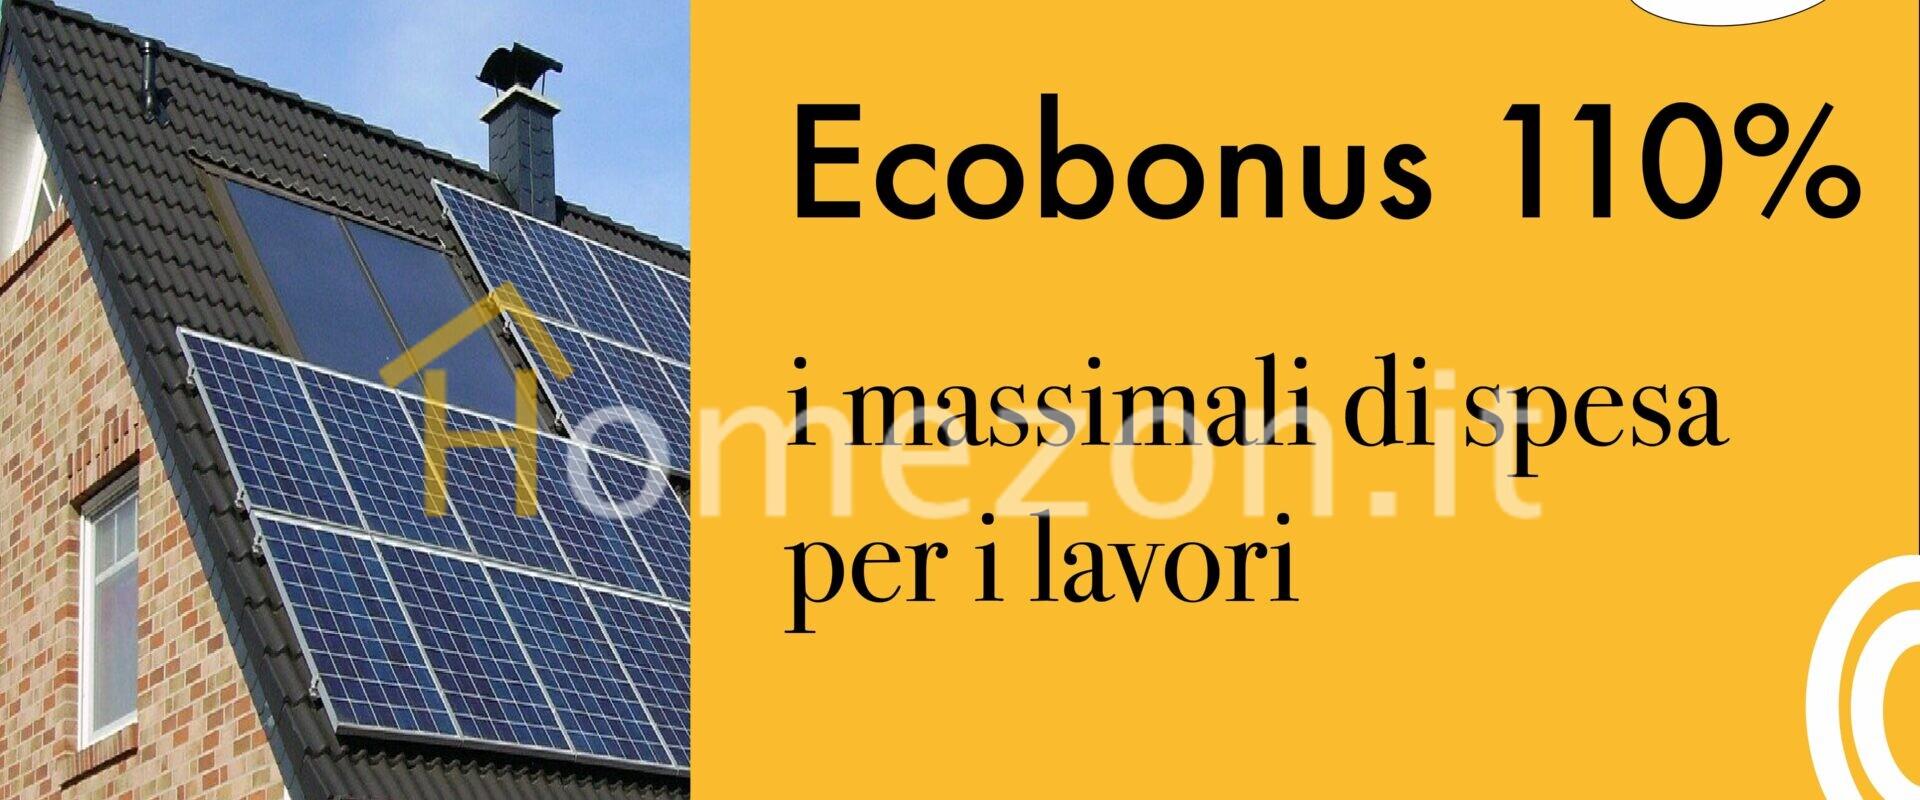 ecobonus 110% massimali spesa